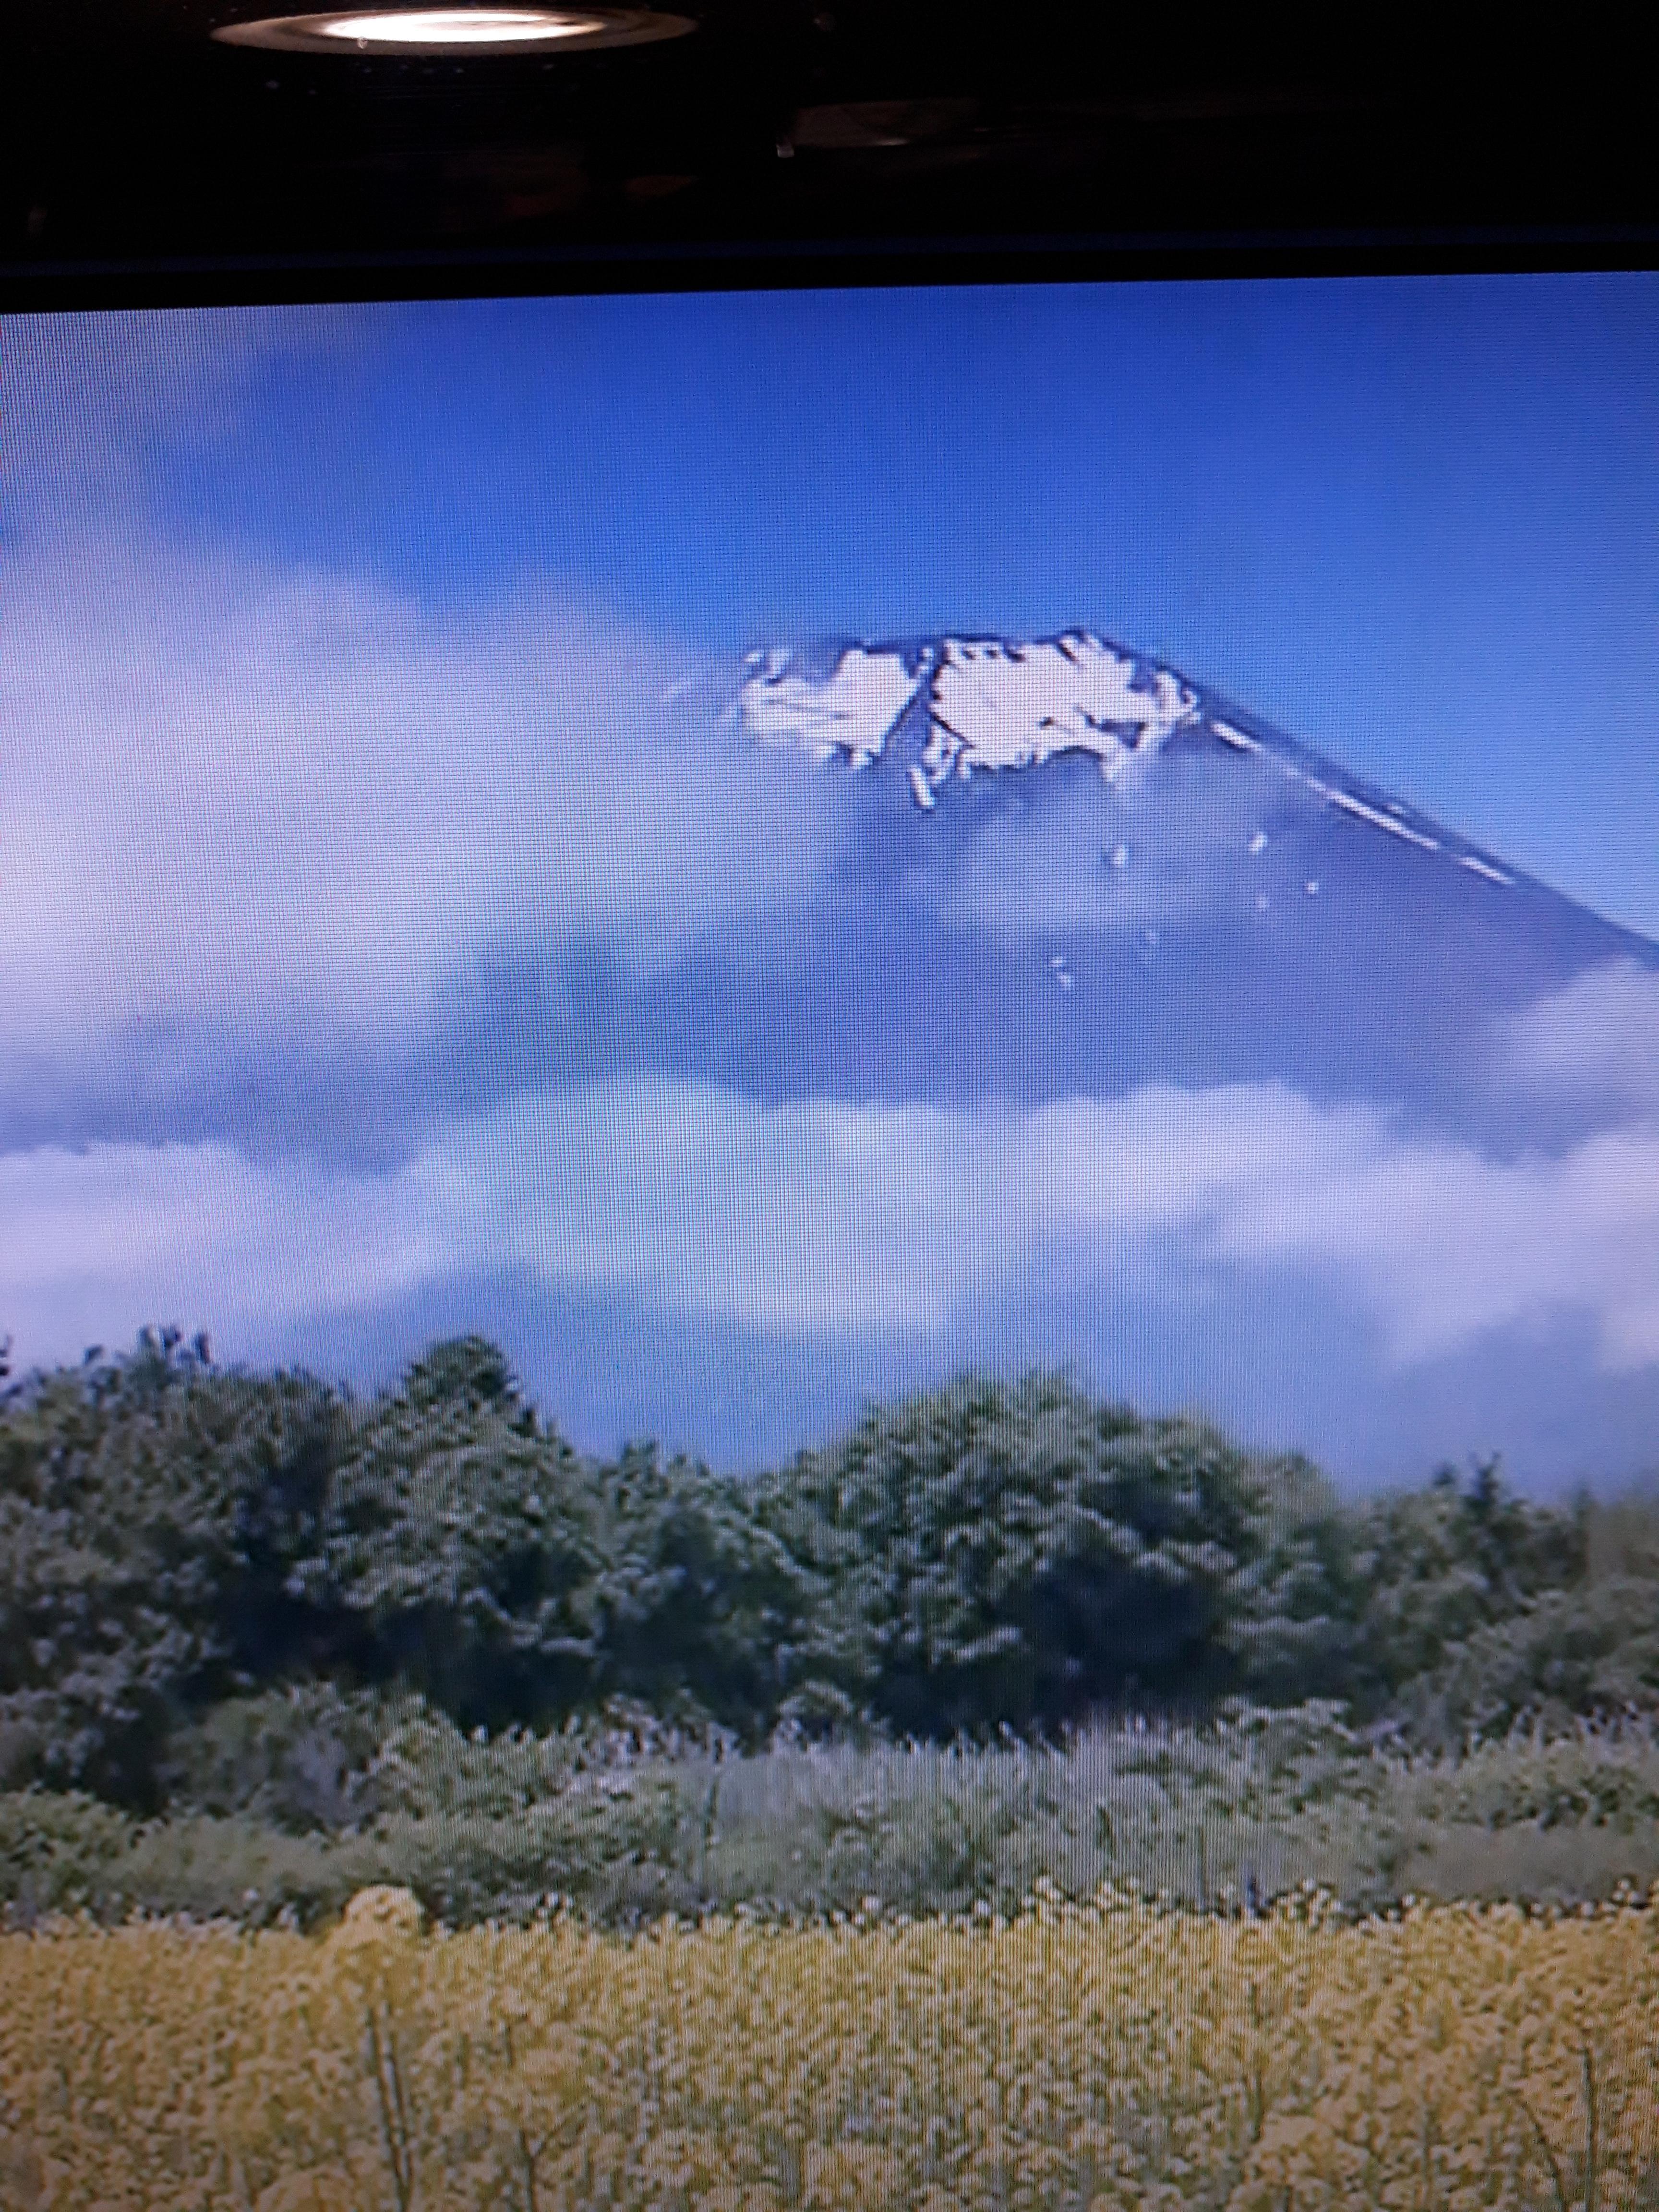 「曇り時々晴れかも⁉」06/17(日) 15:03   鈴木の写メ・風俗動画